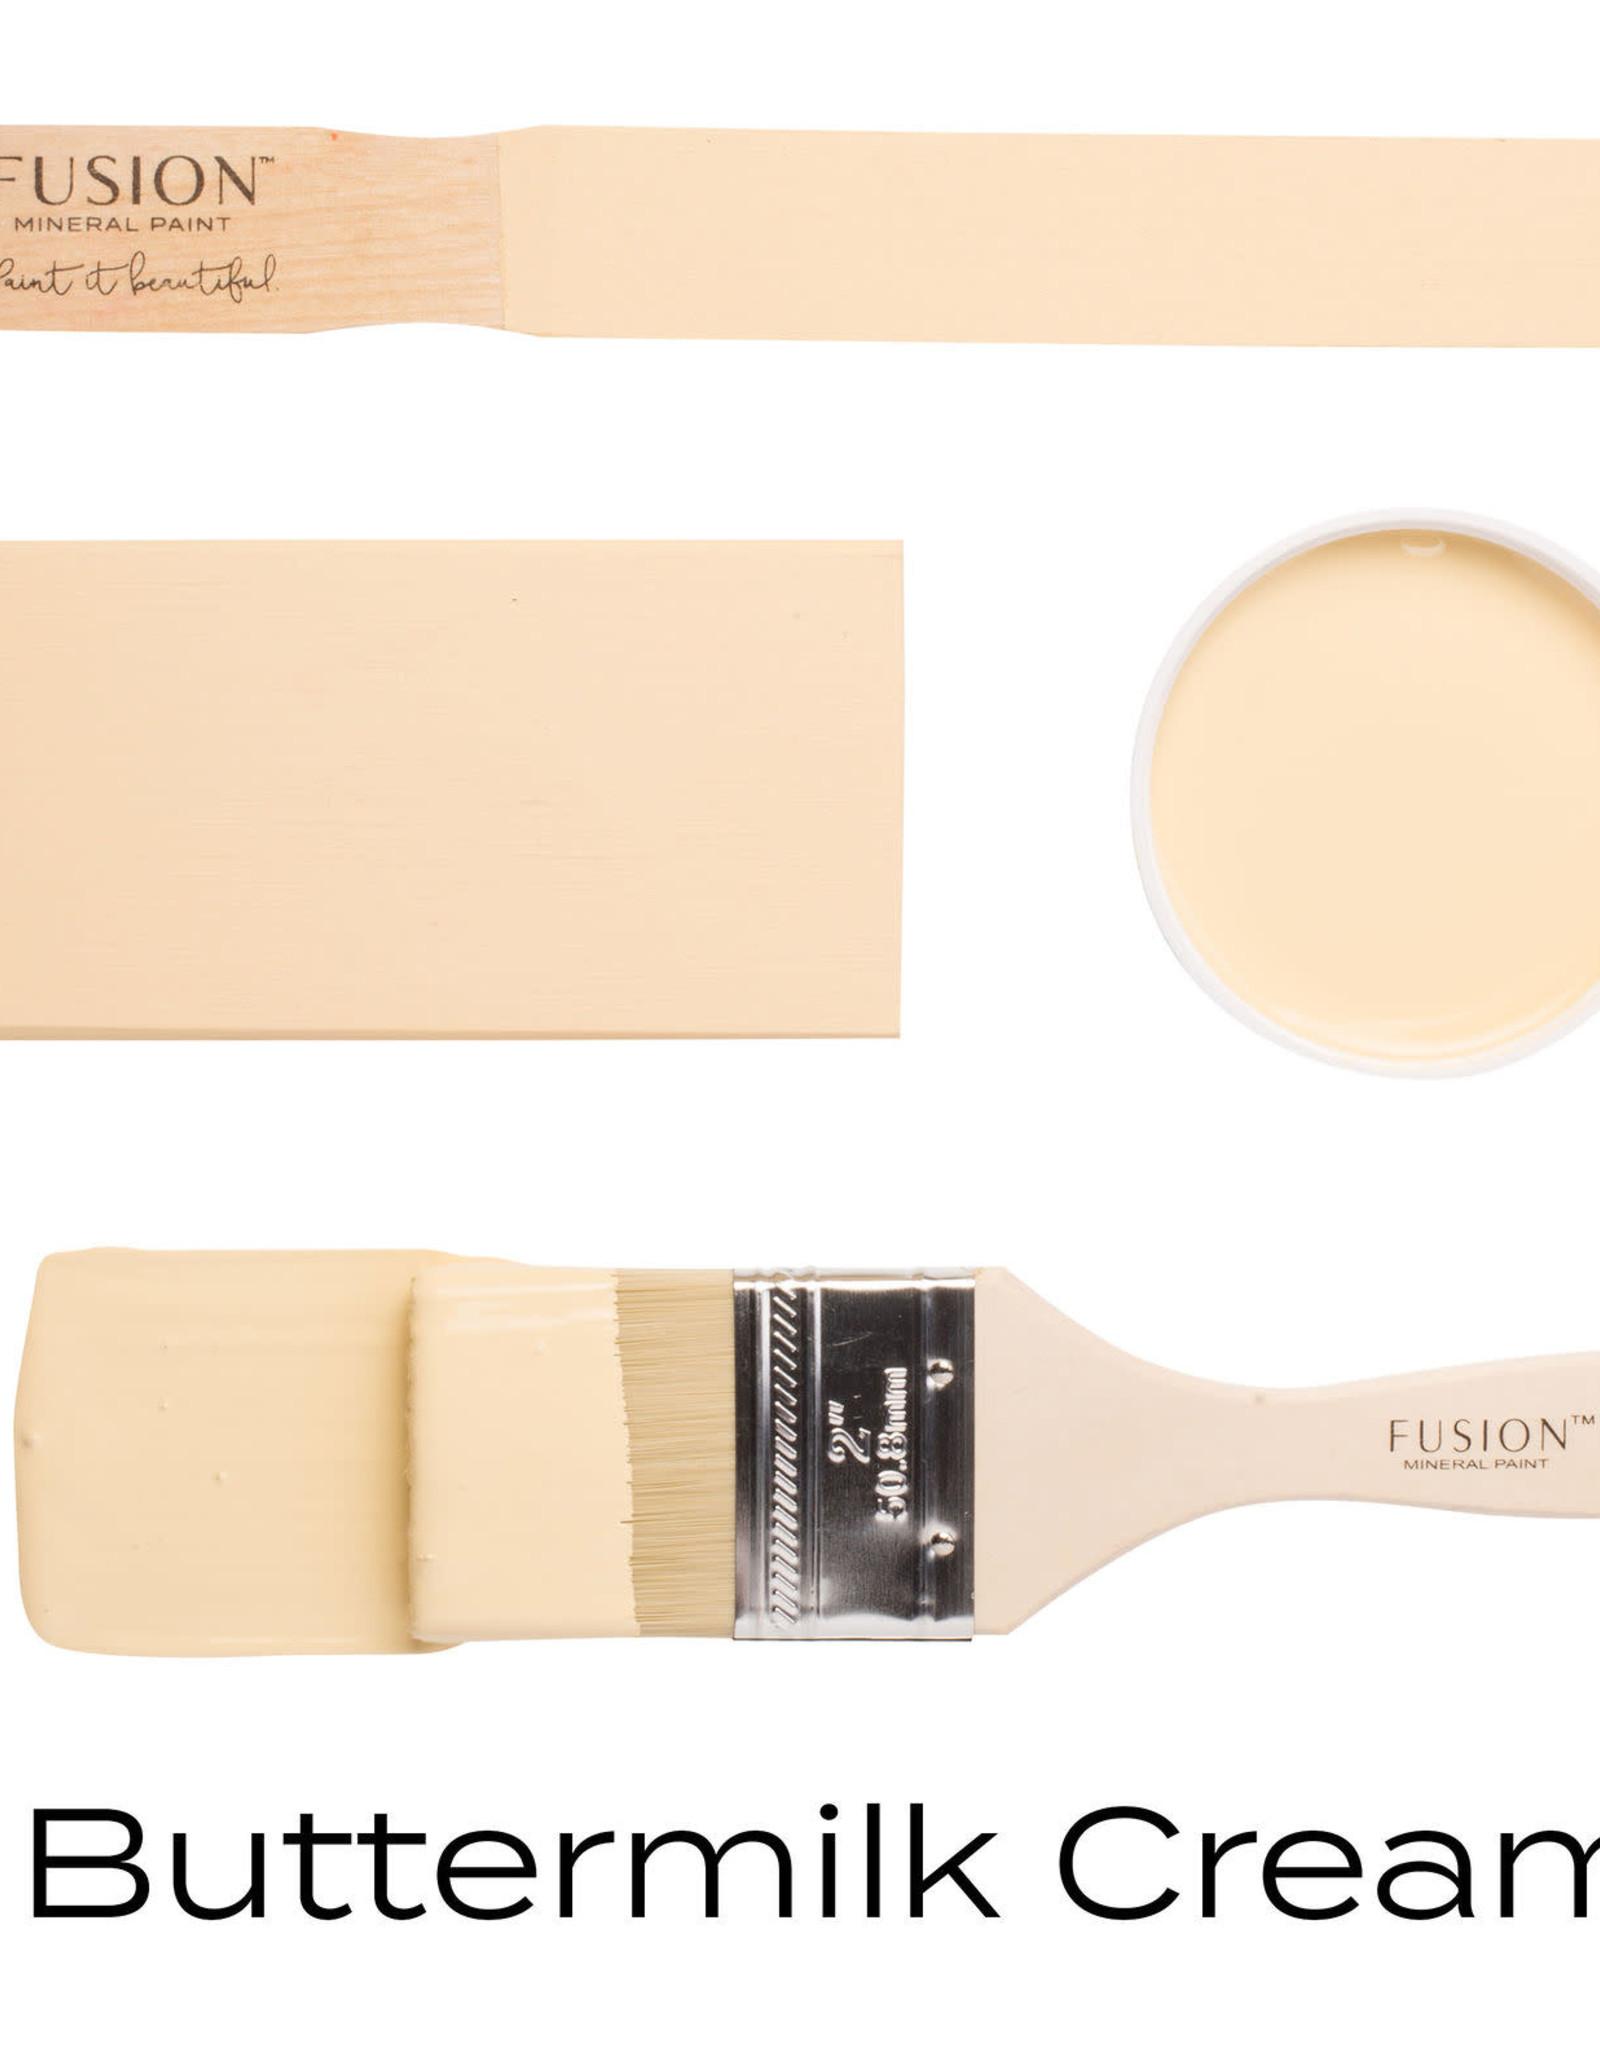 Fusion Mineral Paint Fusion Mineral Paint - Buttermilk Cream 500ml